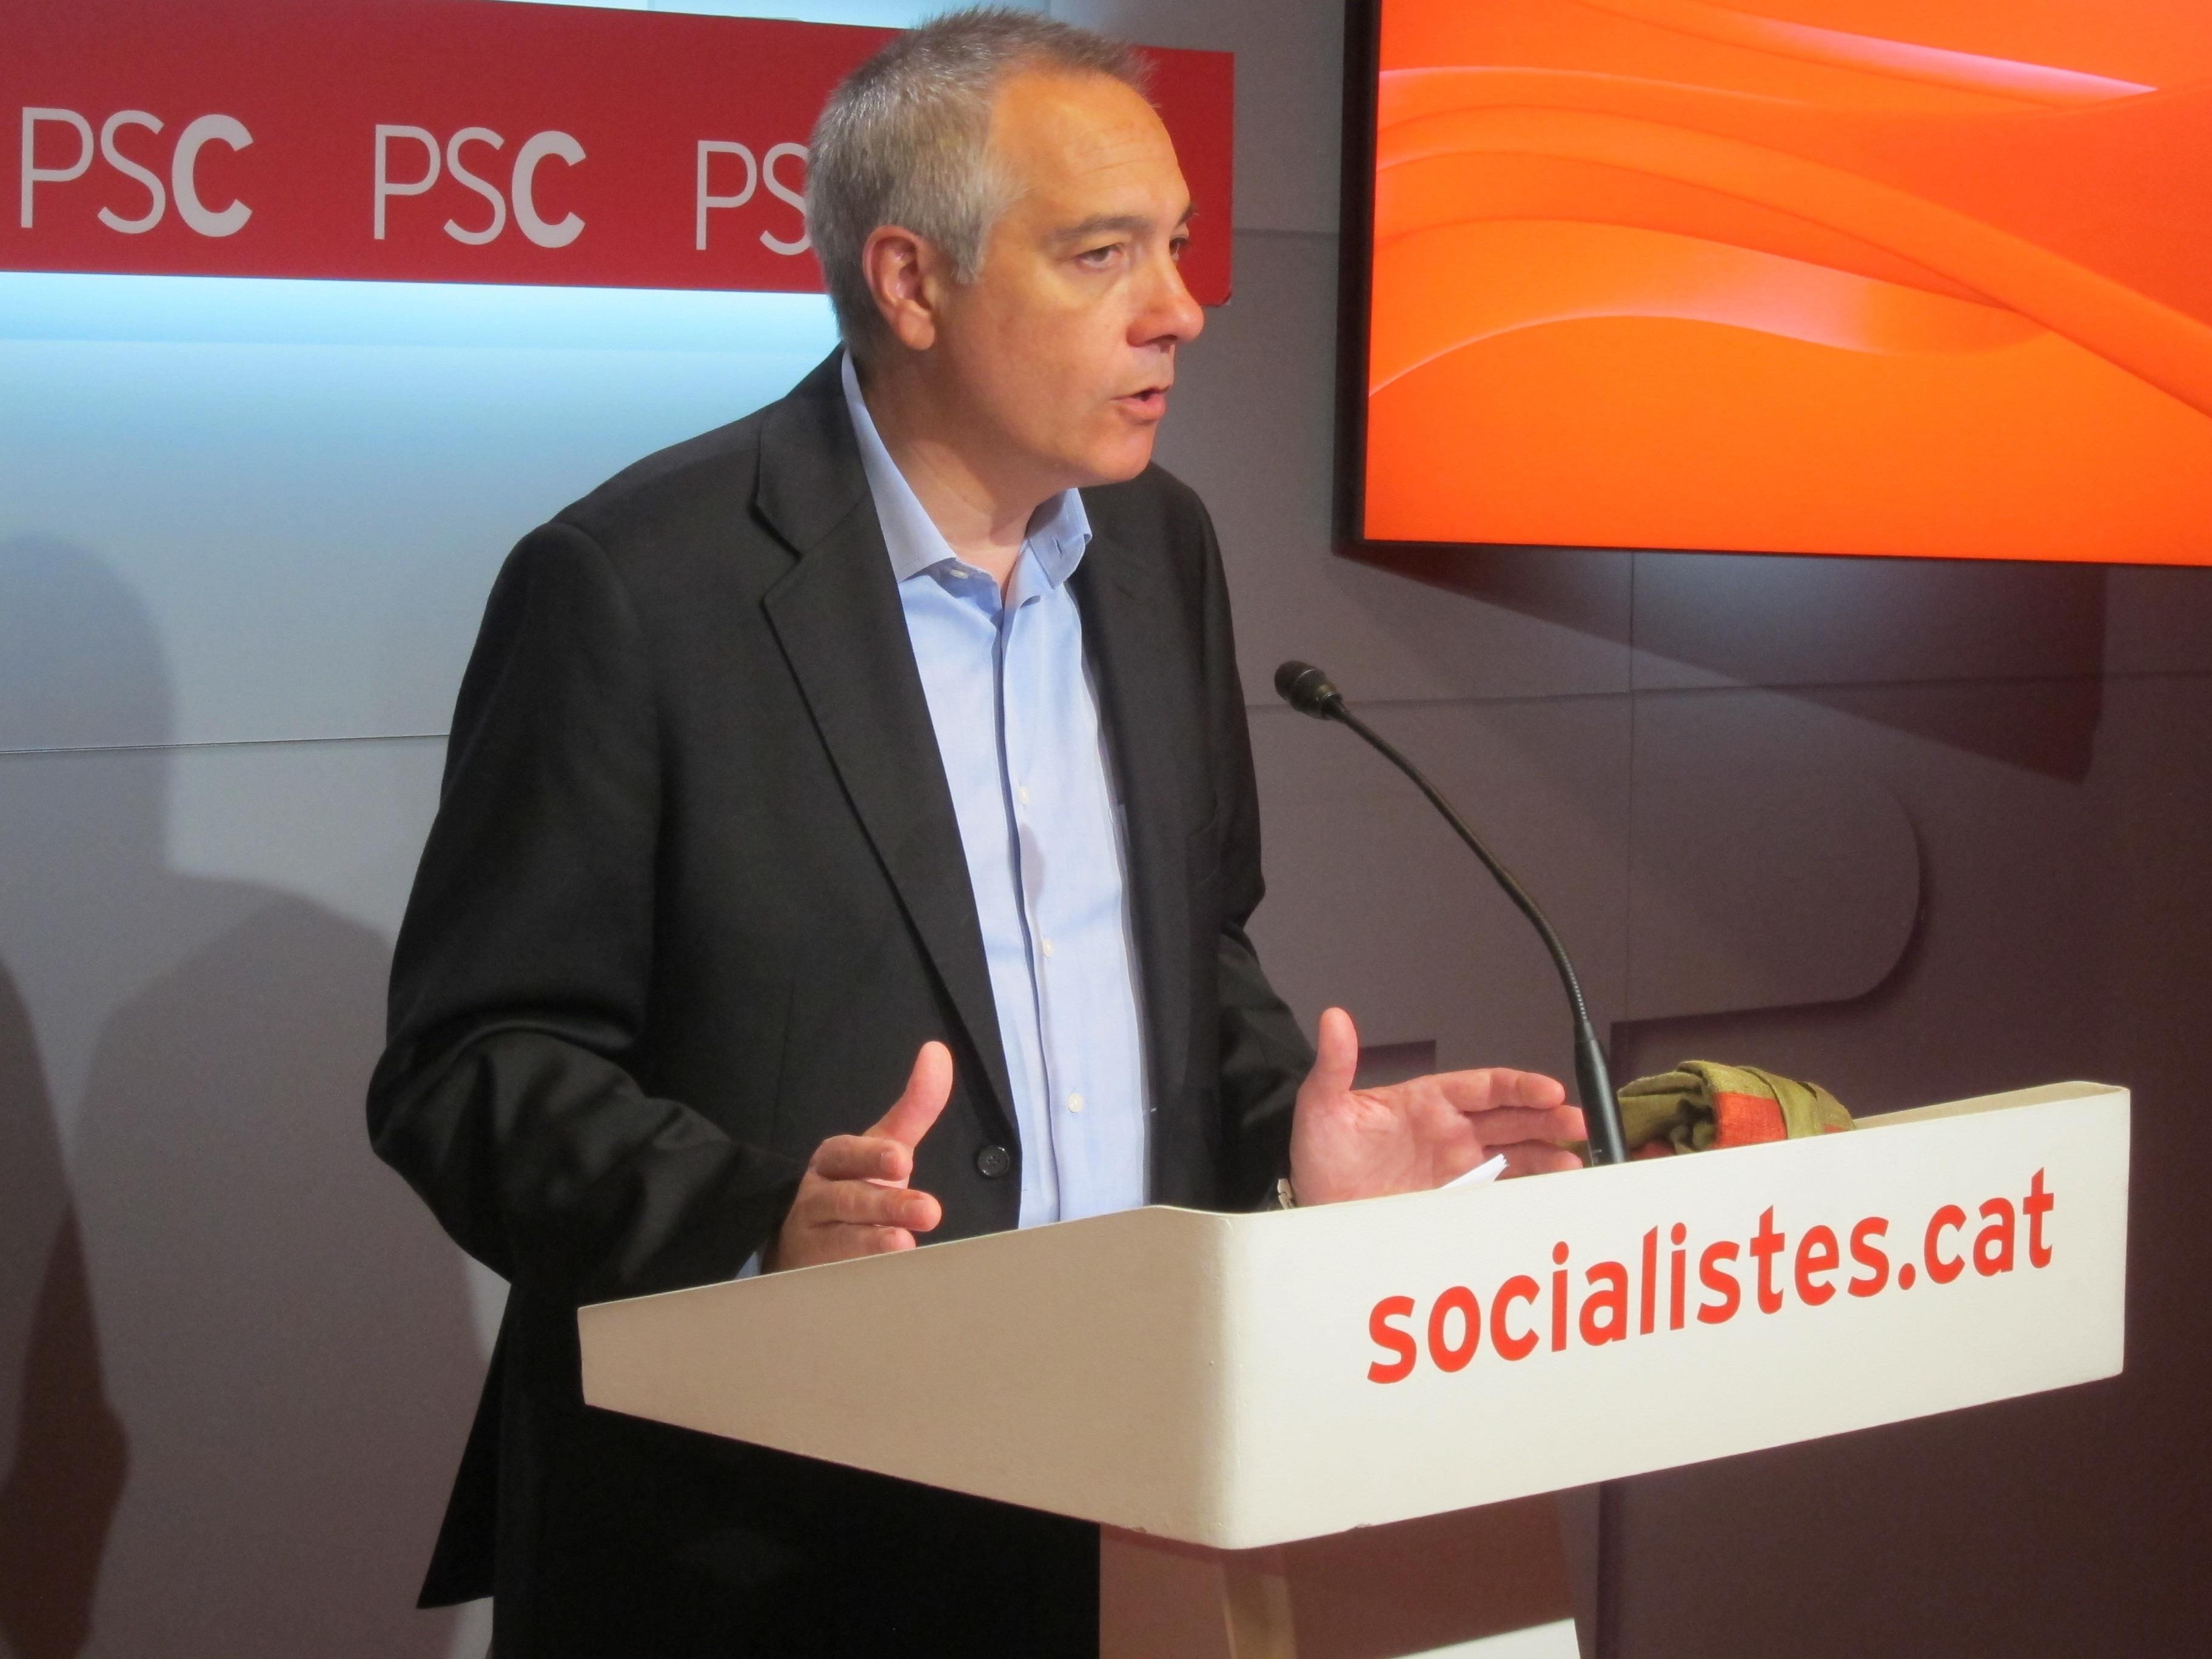 Pere Navarro y Javier Lambán coinciden en la necesidad de reformar la Constitución